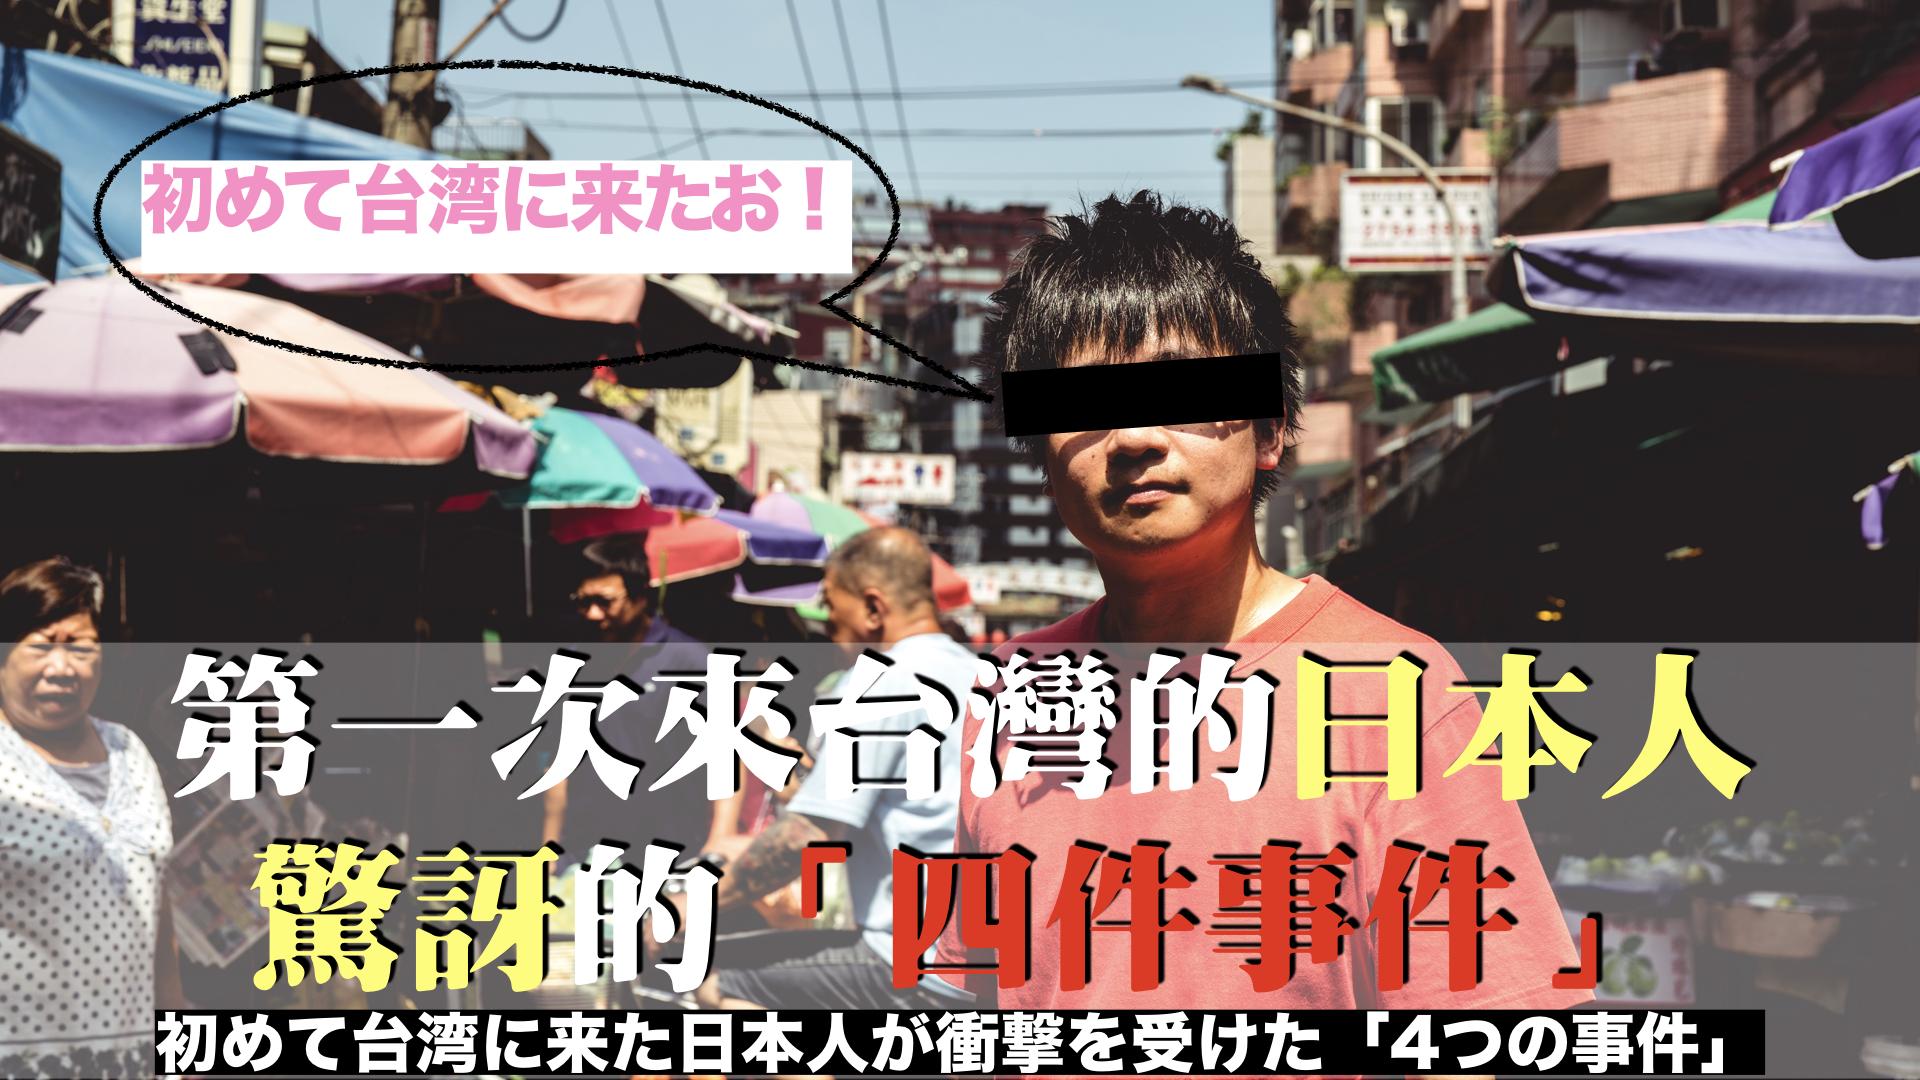 第一次來台灣的日本人 驚訝的「四件事件」/初めて台湾に来た日本人が衝撃を受けた「4つの事件」